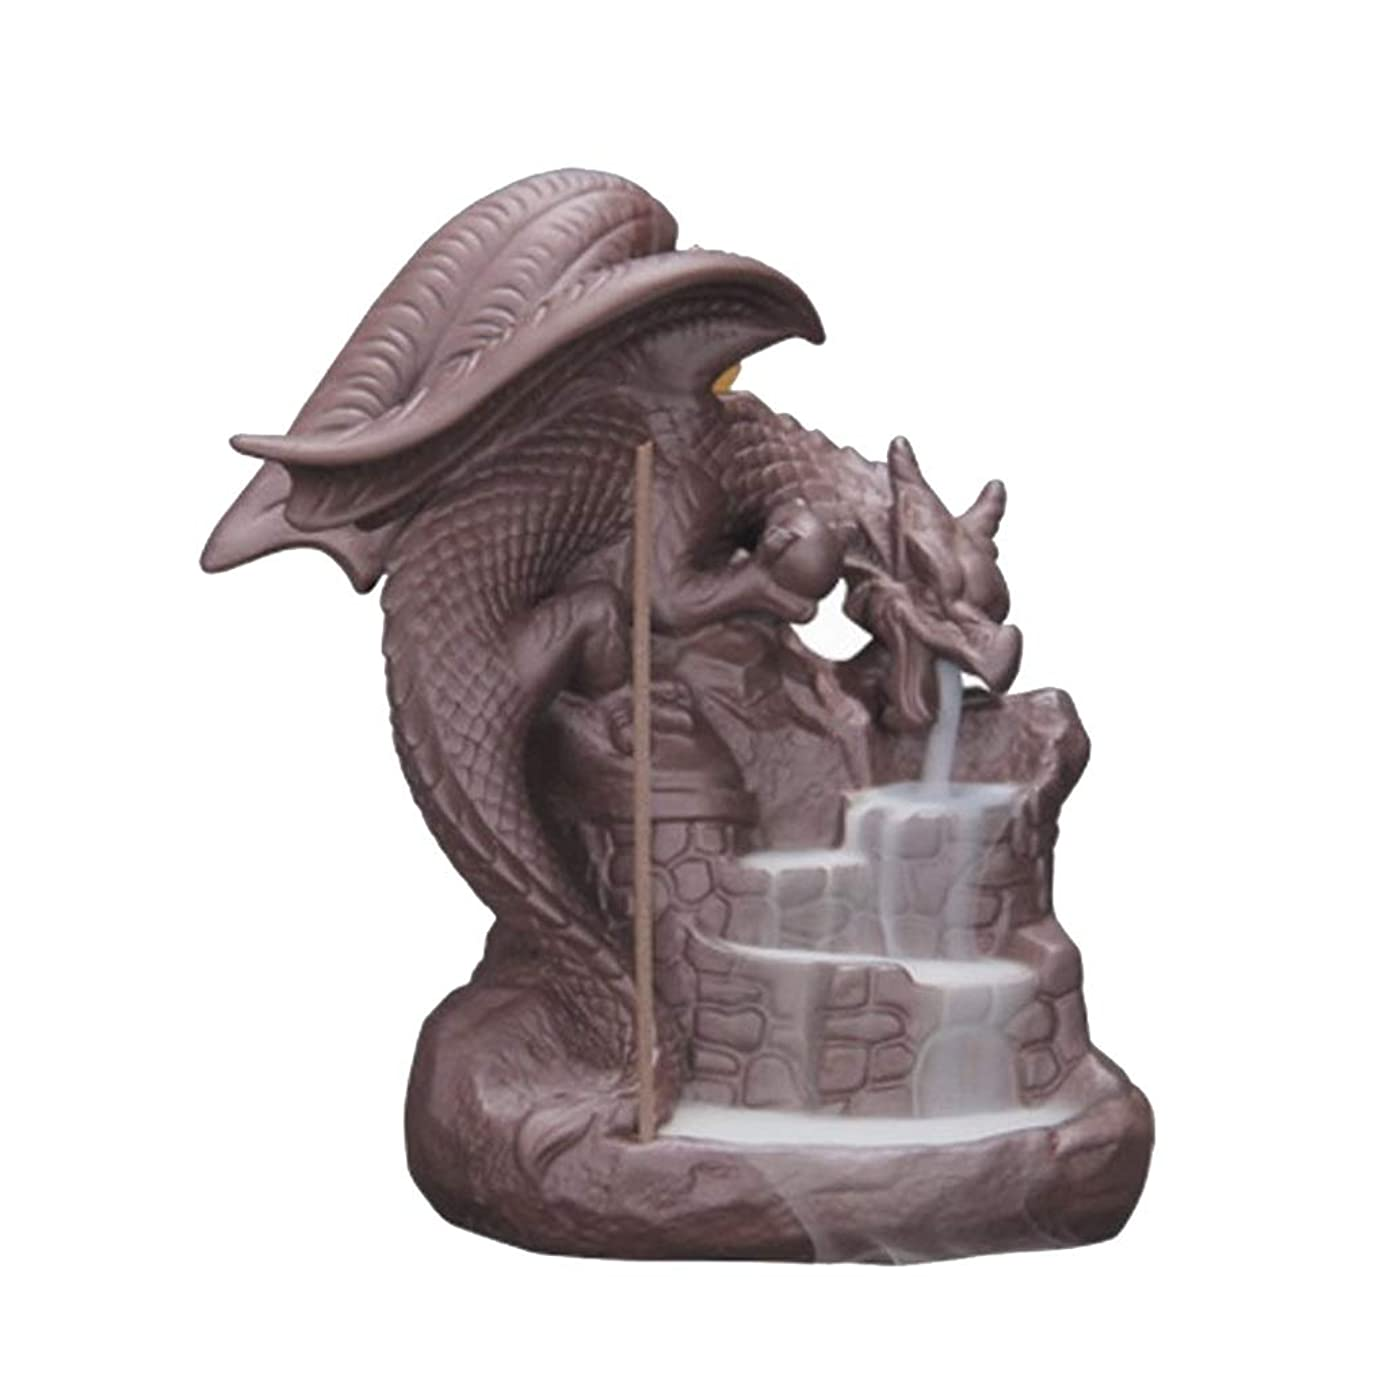 かりてプリーツマージホームアロマバーナー セラミック逆流香バーナー香炉の家の装飾ドラゴン香ホルダーバーナー使用ホームオフィスの装飾ギフト 芳香器アロマバーナー (Color : B)